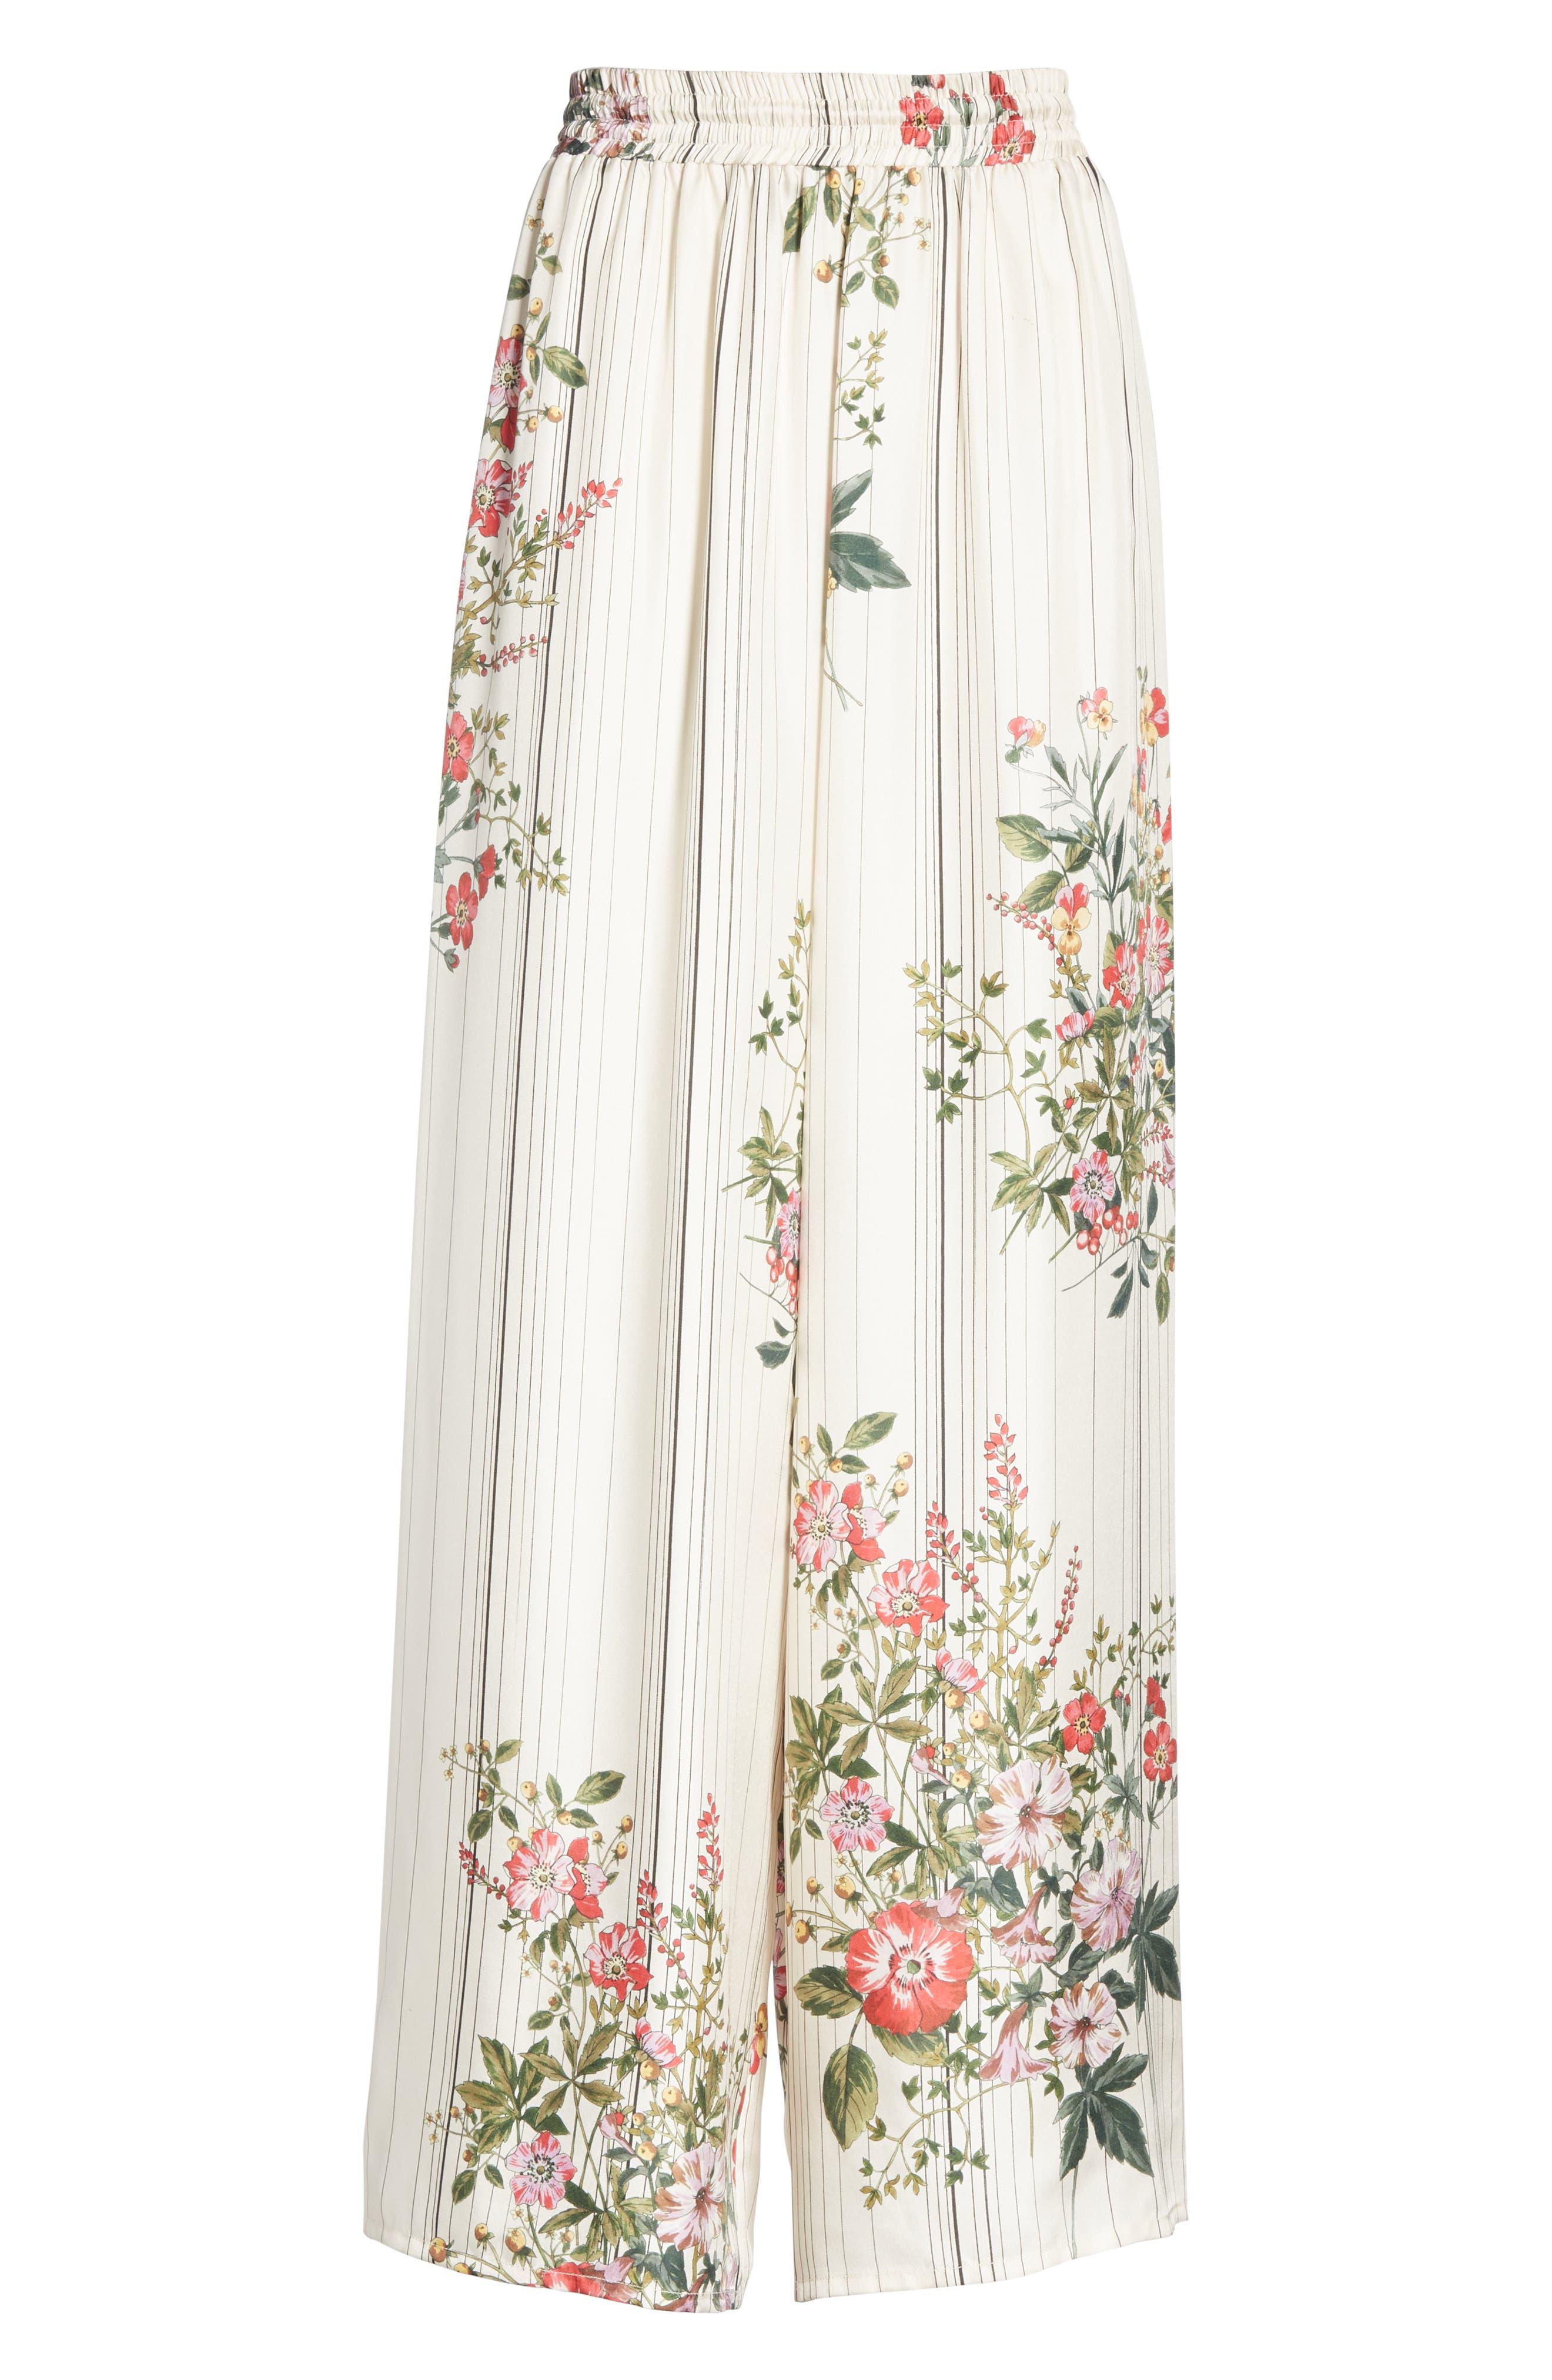 Conner Floral & Stripe Wide Leg Silk Pants,                             Alternate thumbnail 6, color,                             MULTI IVOIRE